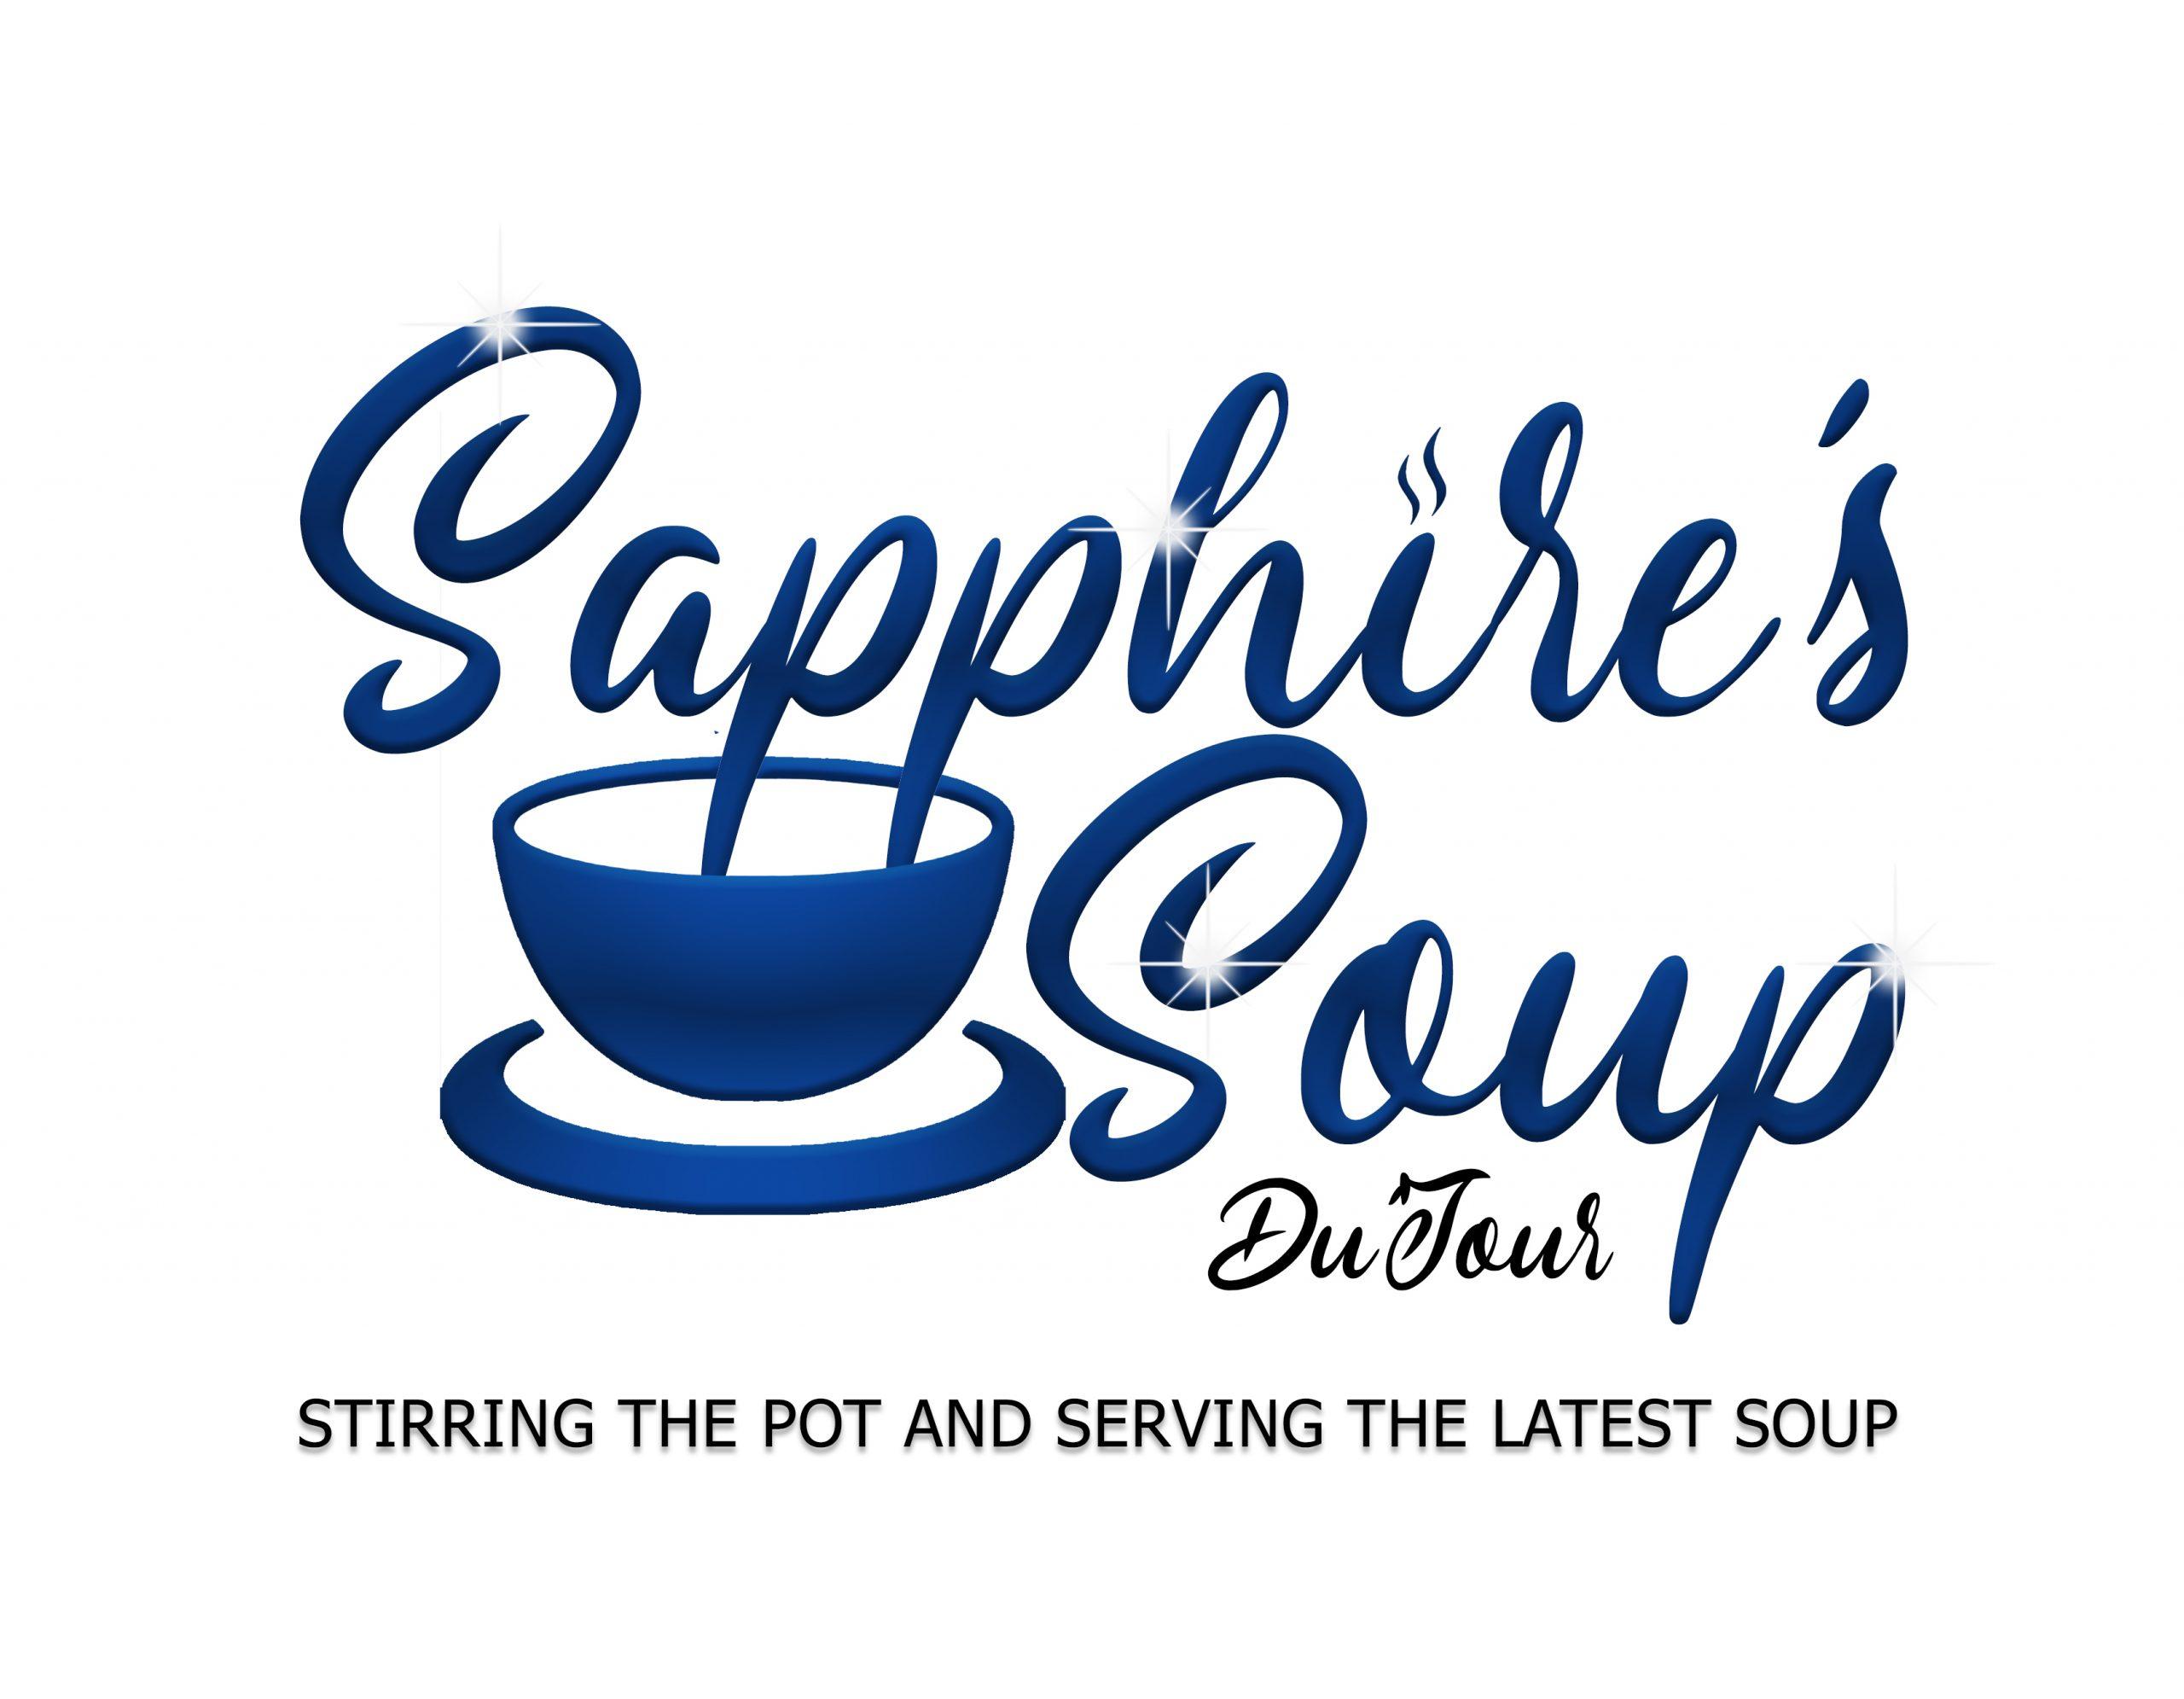 Sapphire Soup Du'Jour